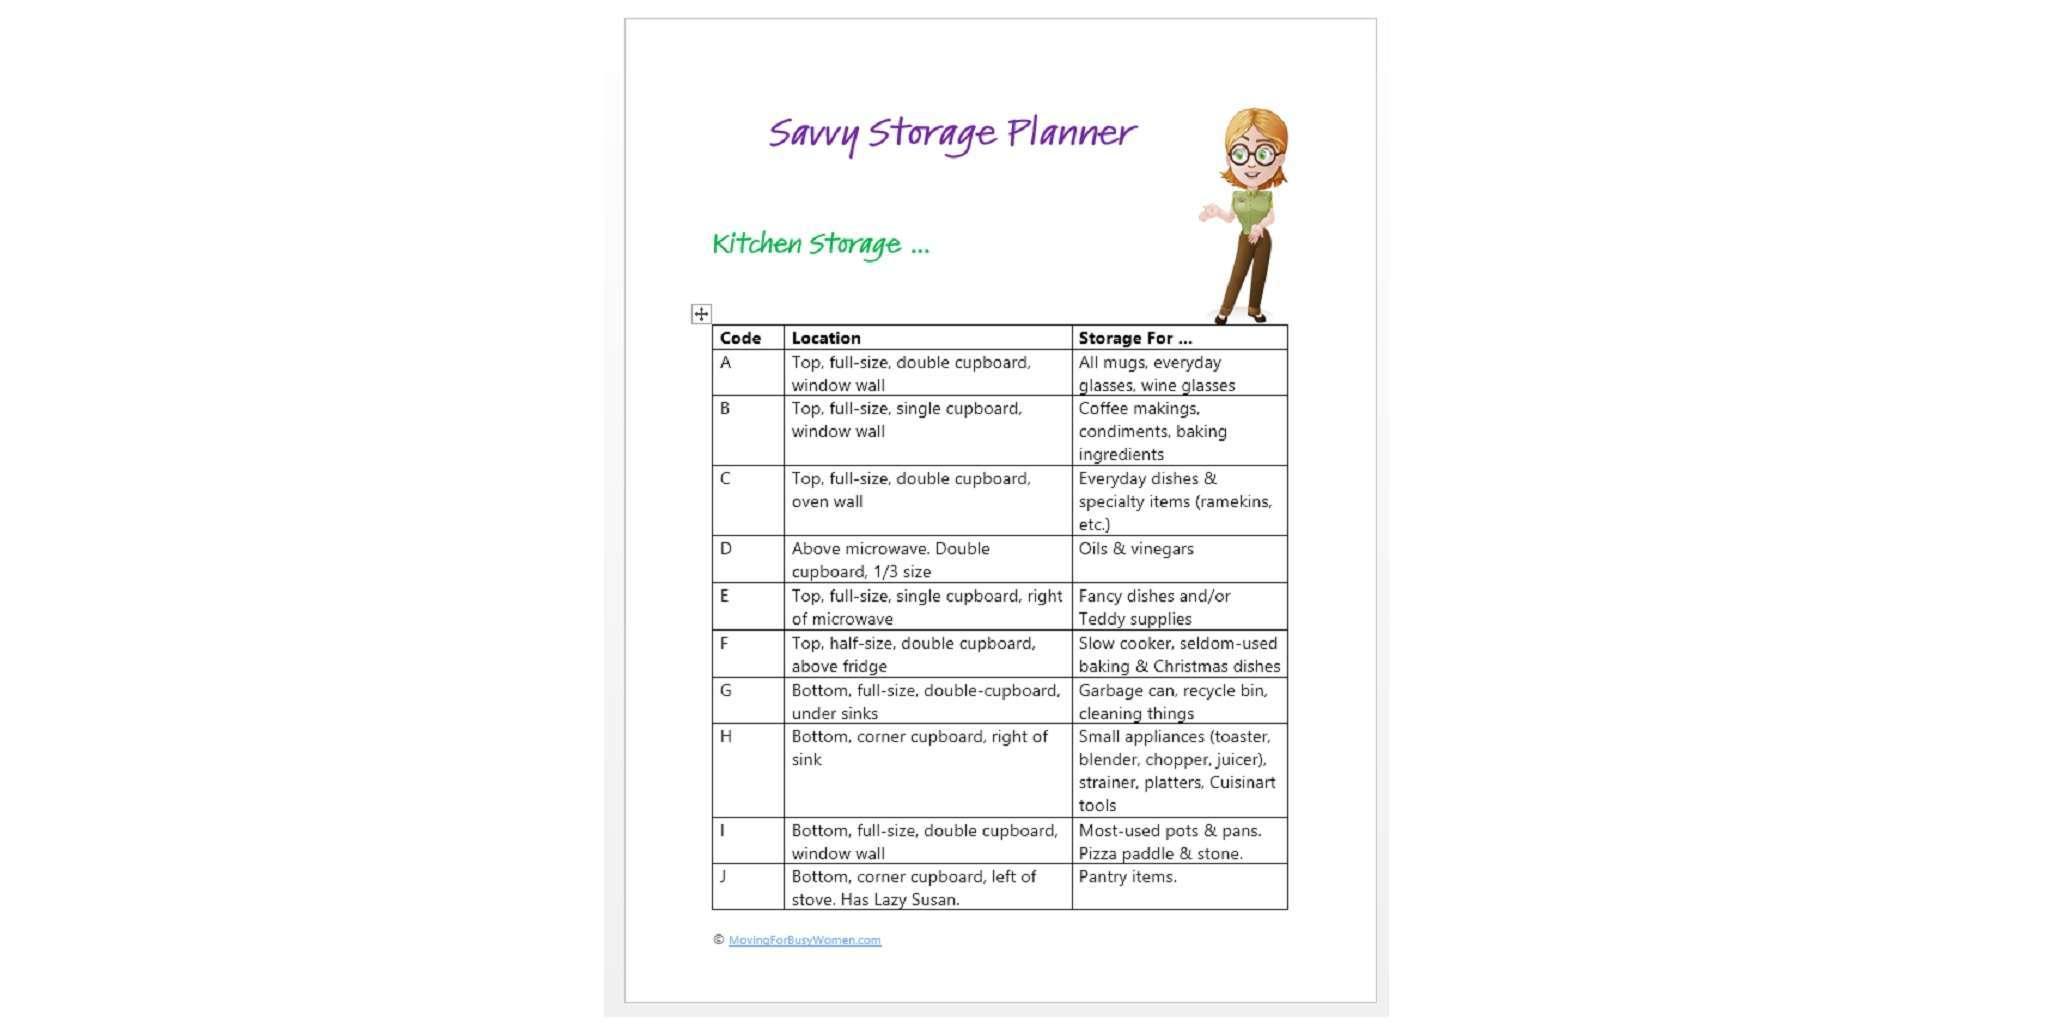 Save Storage Planner